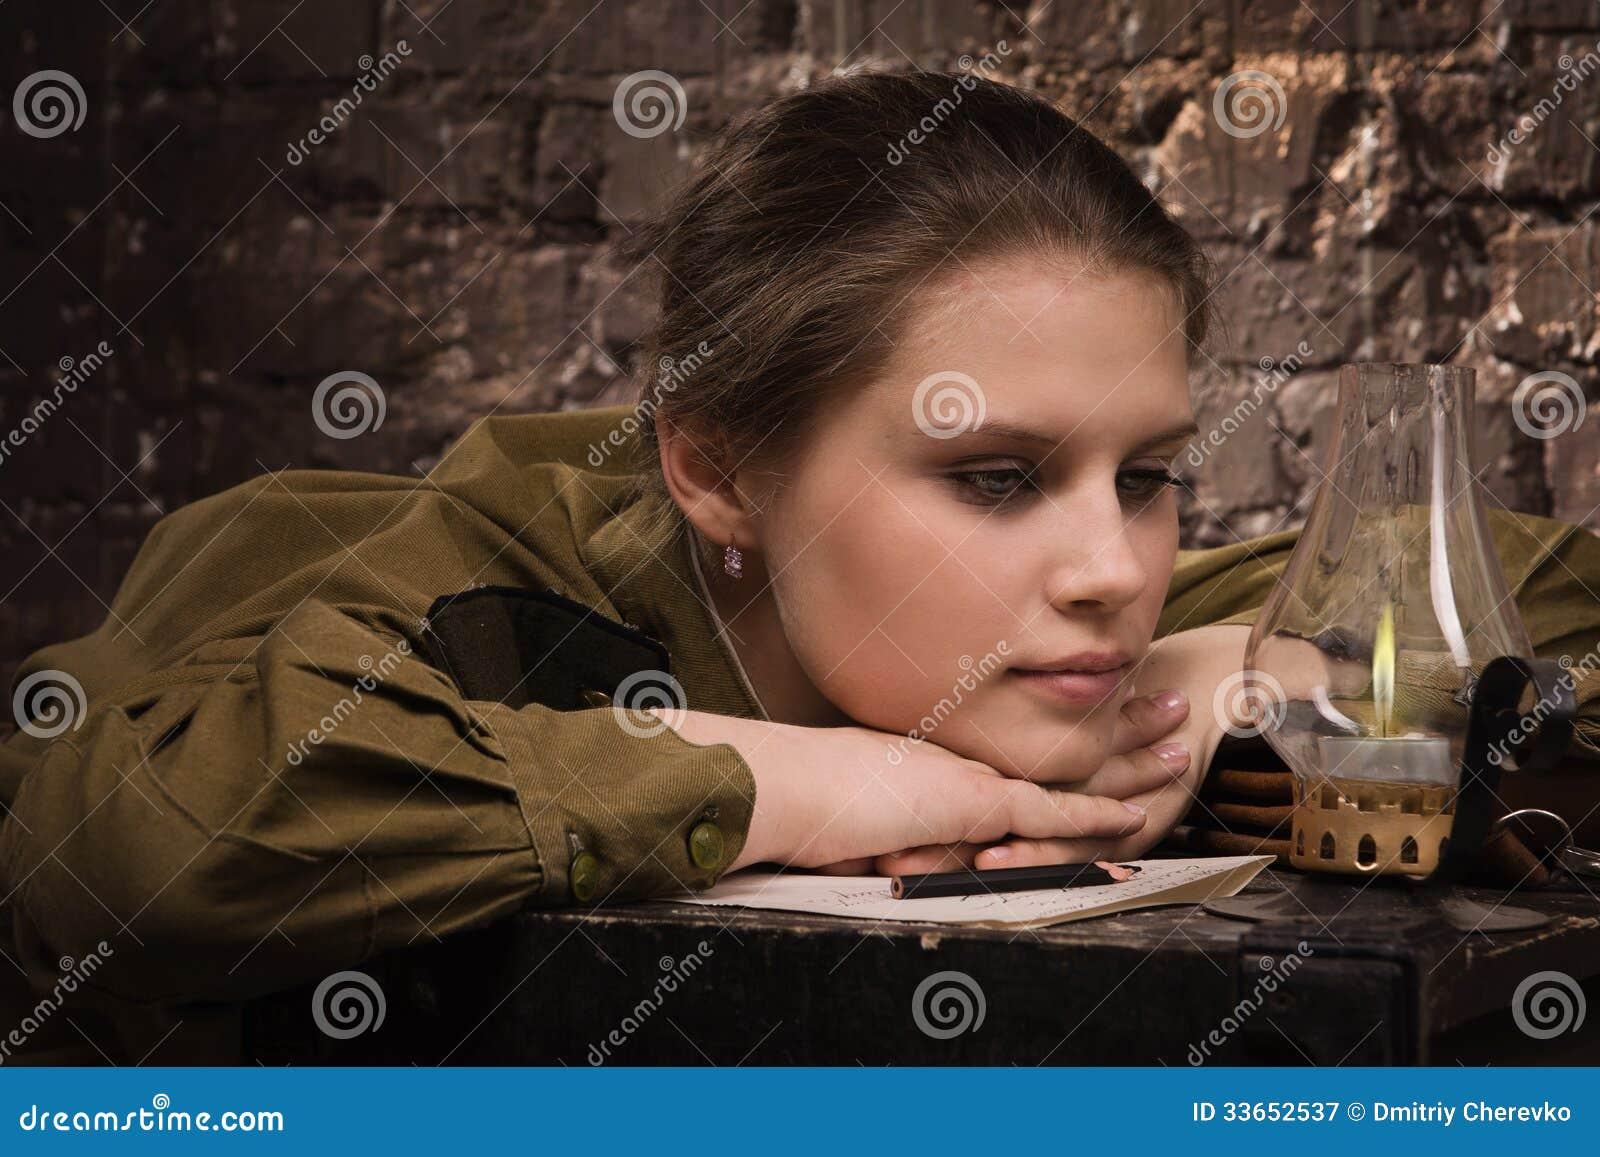 Sovjetisk kvinnlig soldat i likformig av wwii som ser branden ...